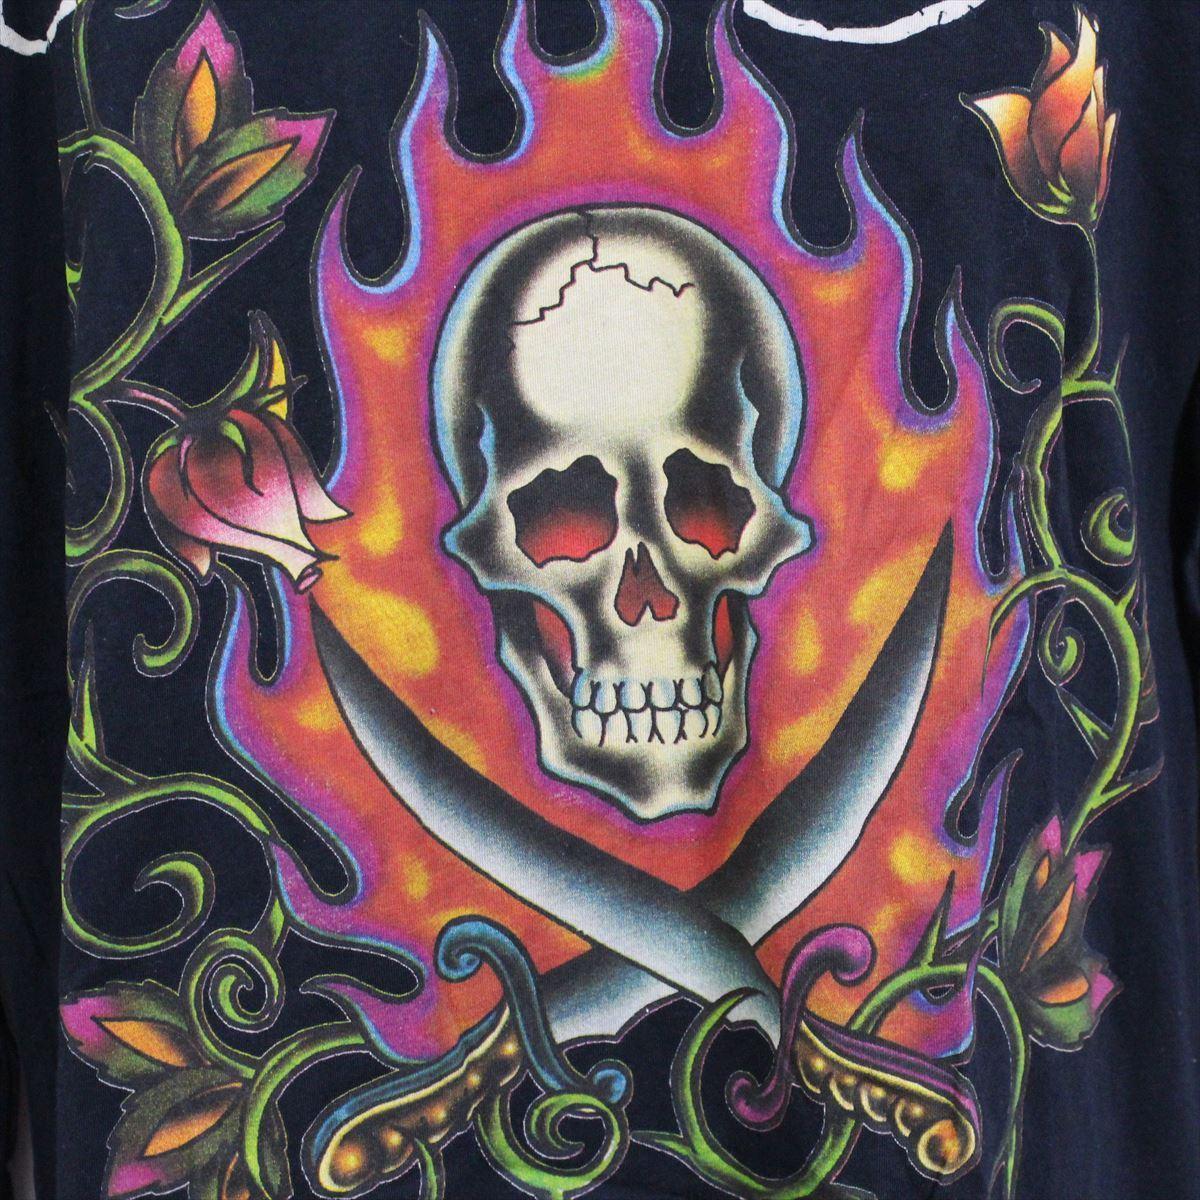 エドハーディー ED HARDY メンズ長袖Tシャツ ブラック Mサイズ M03GTC303 新品 Vネック 黒_画像2